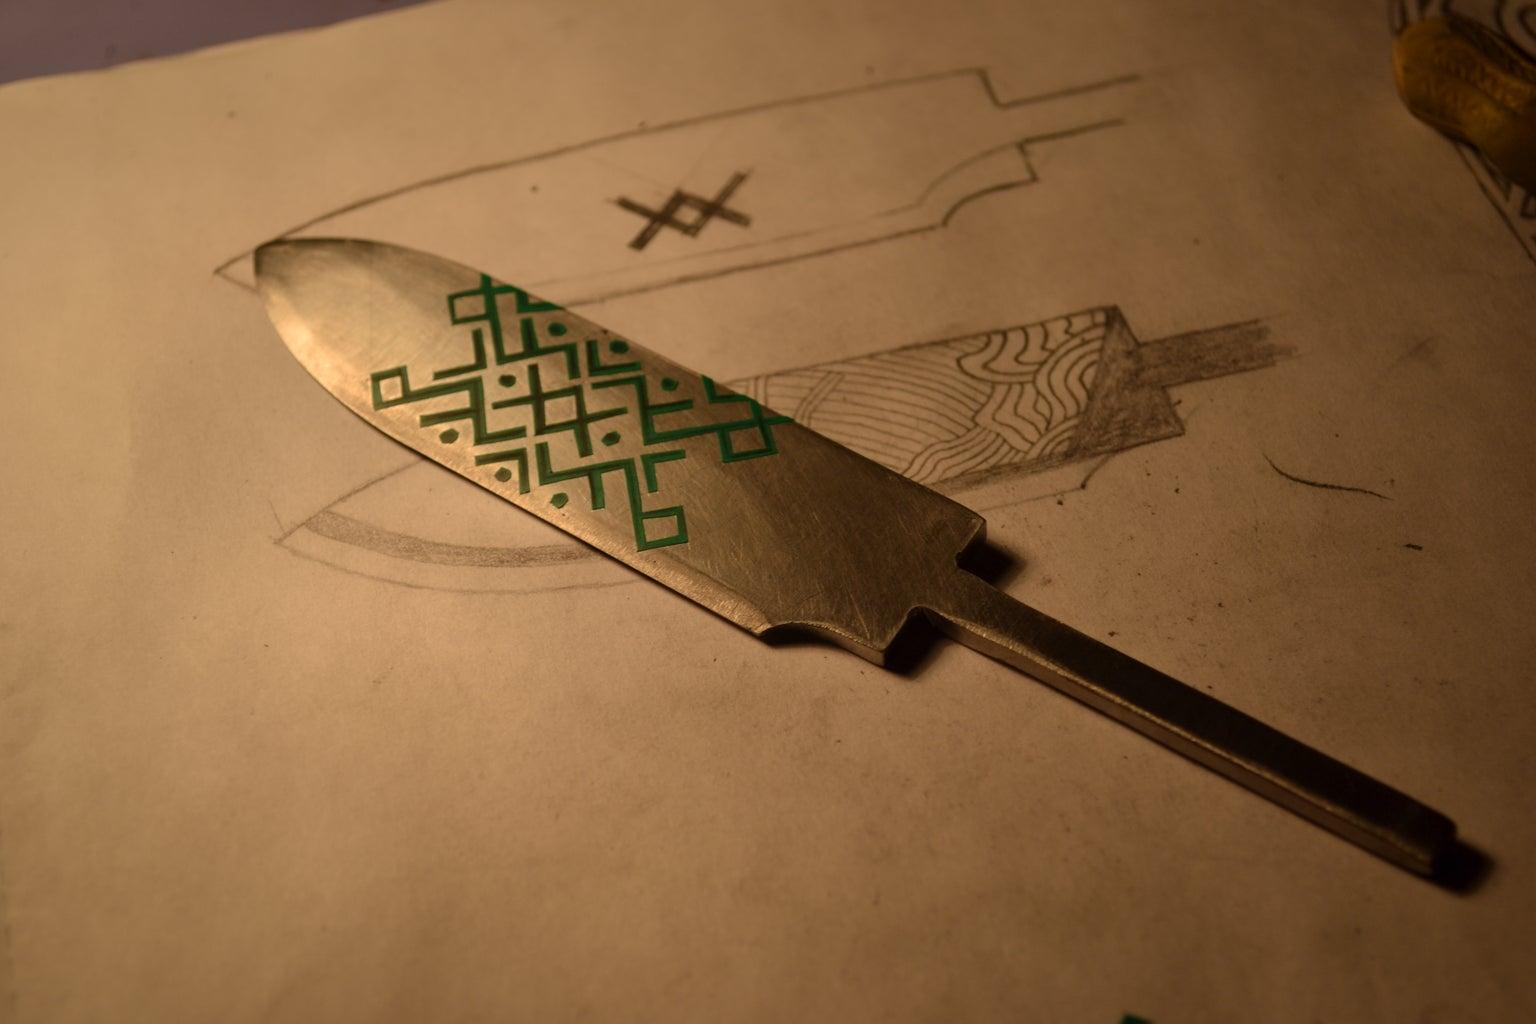 Blade Etching